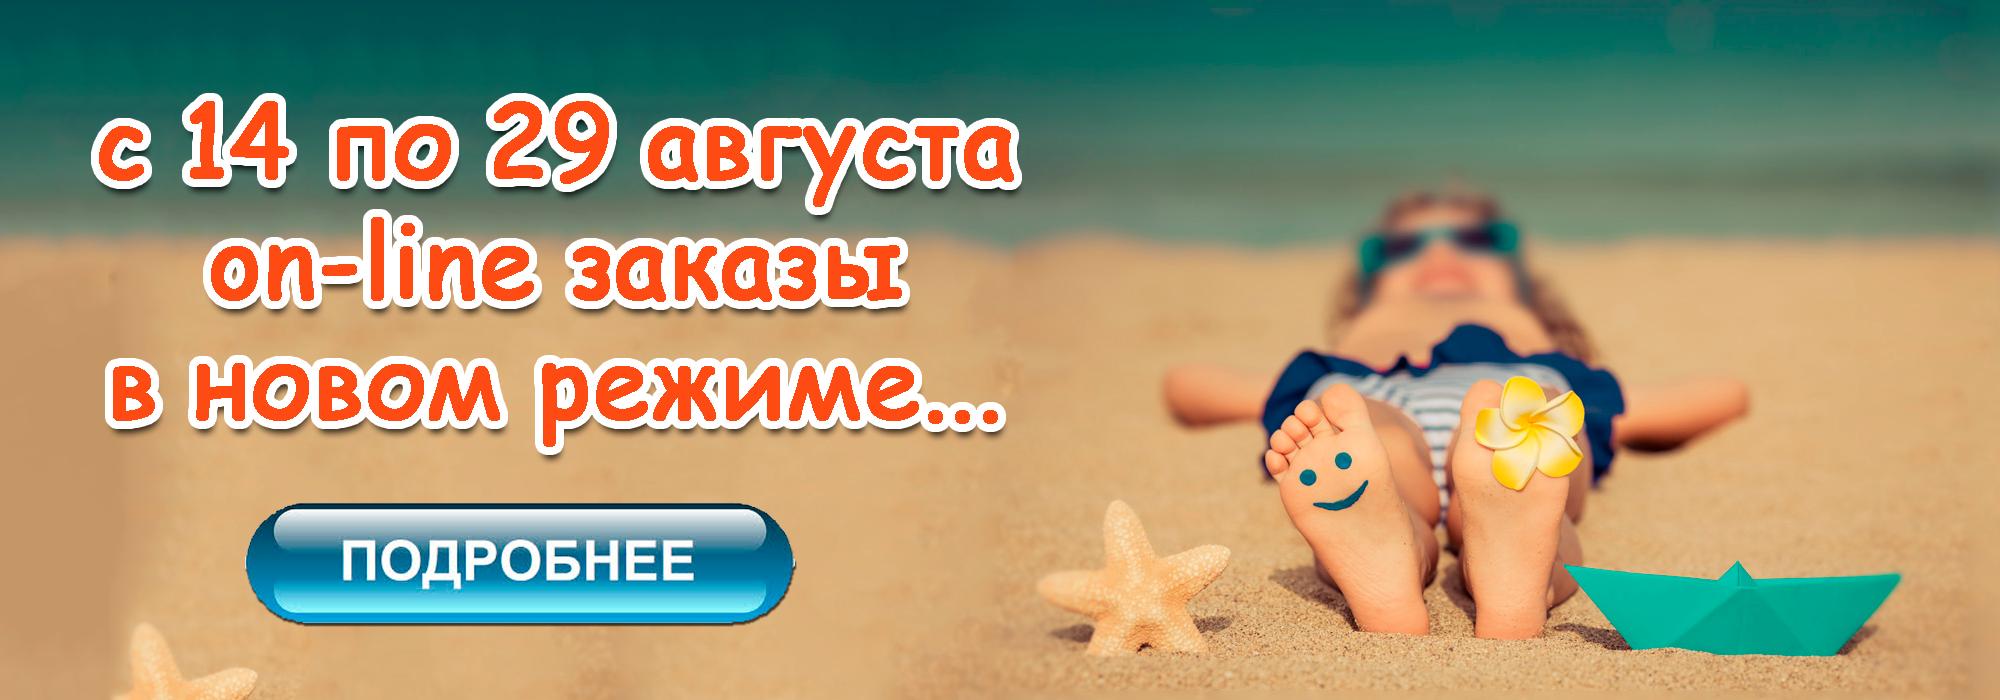 novyy-grafik-raboty